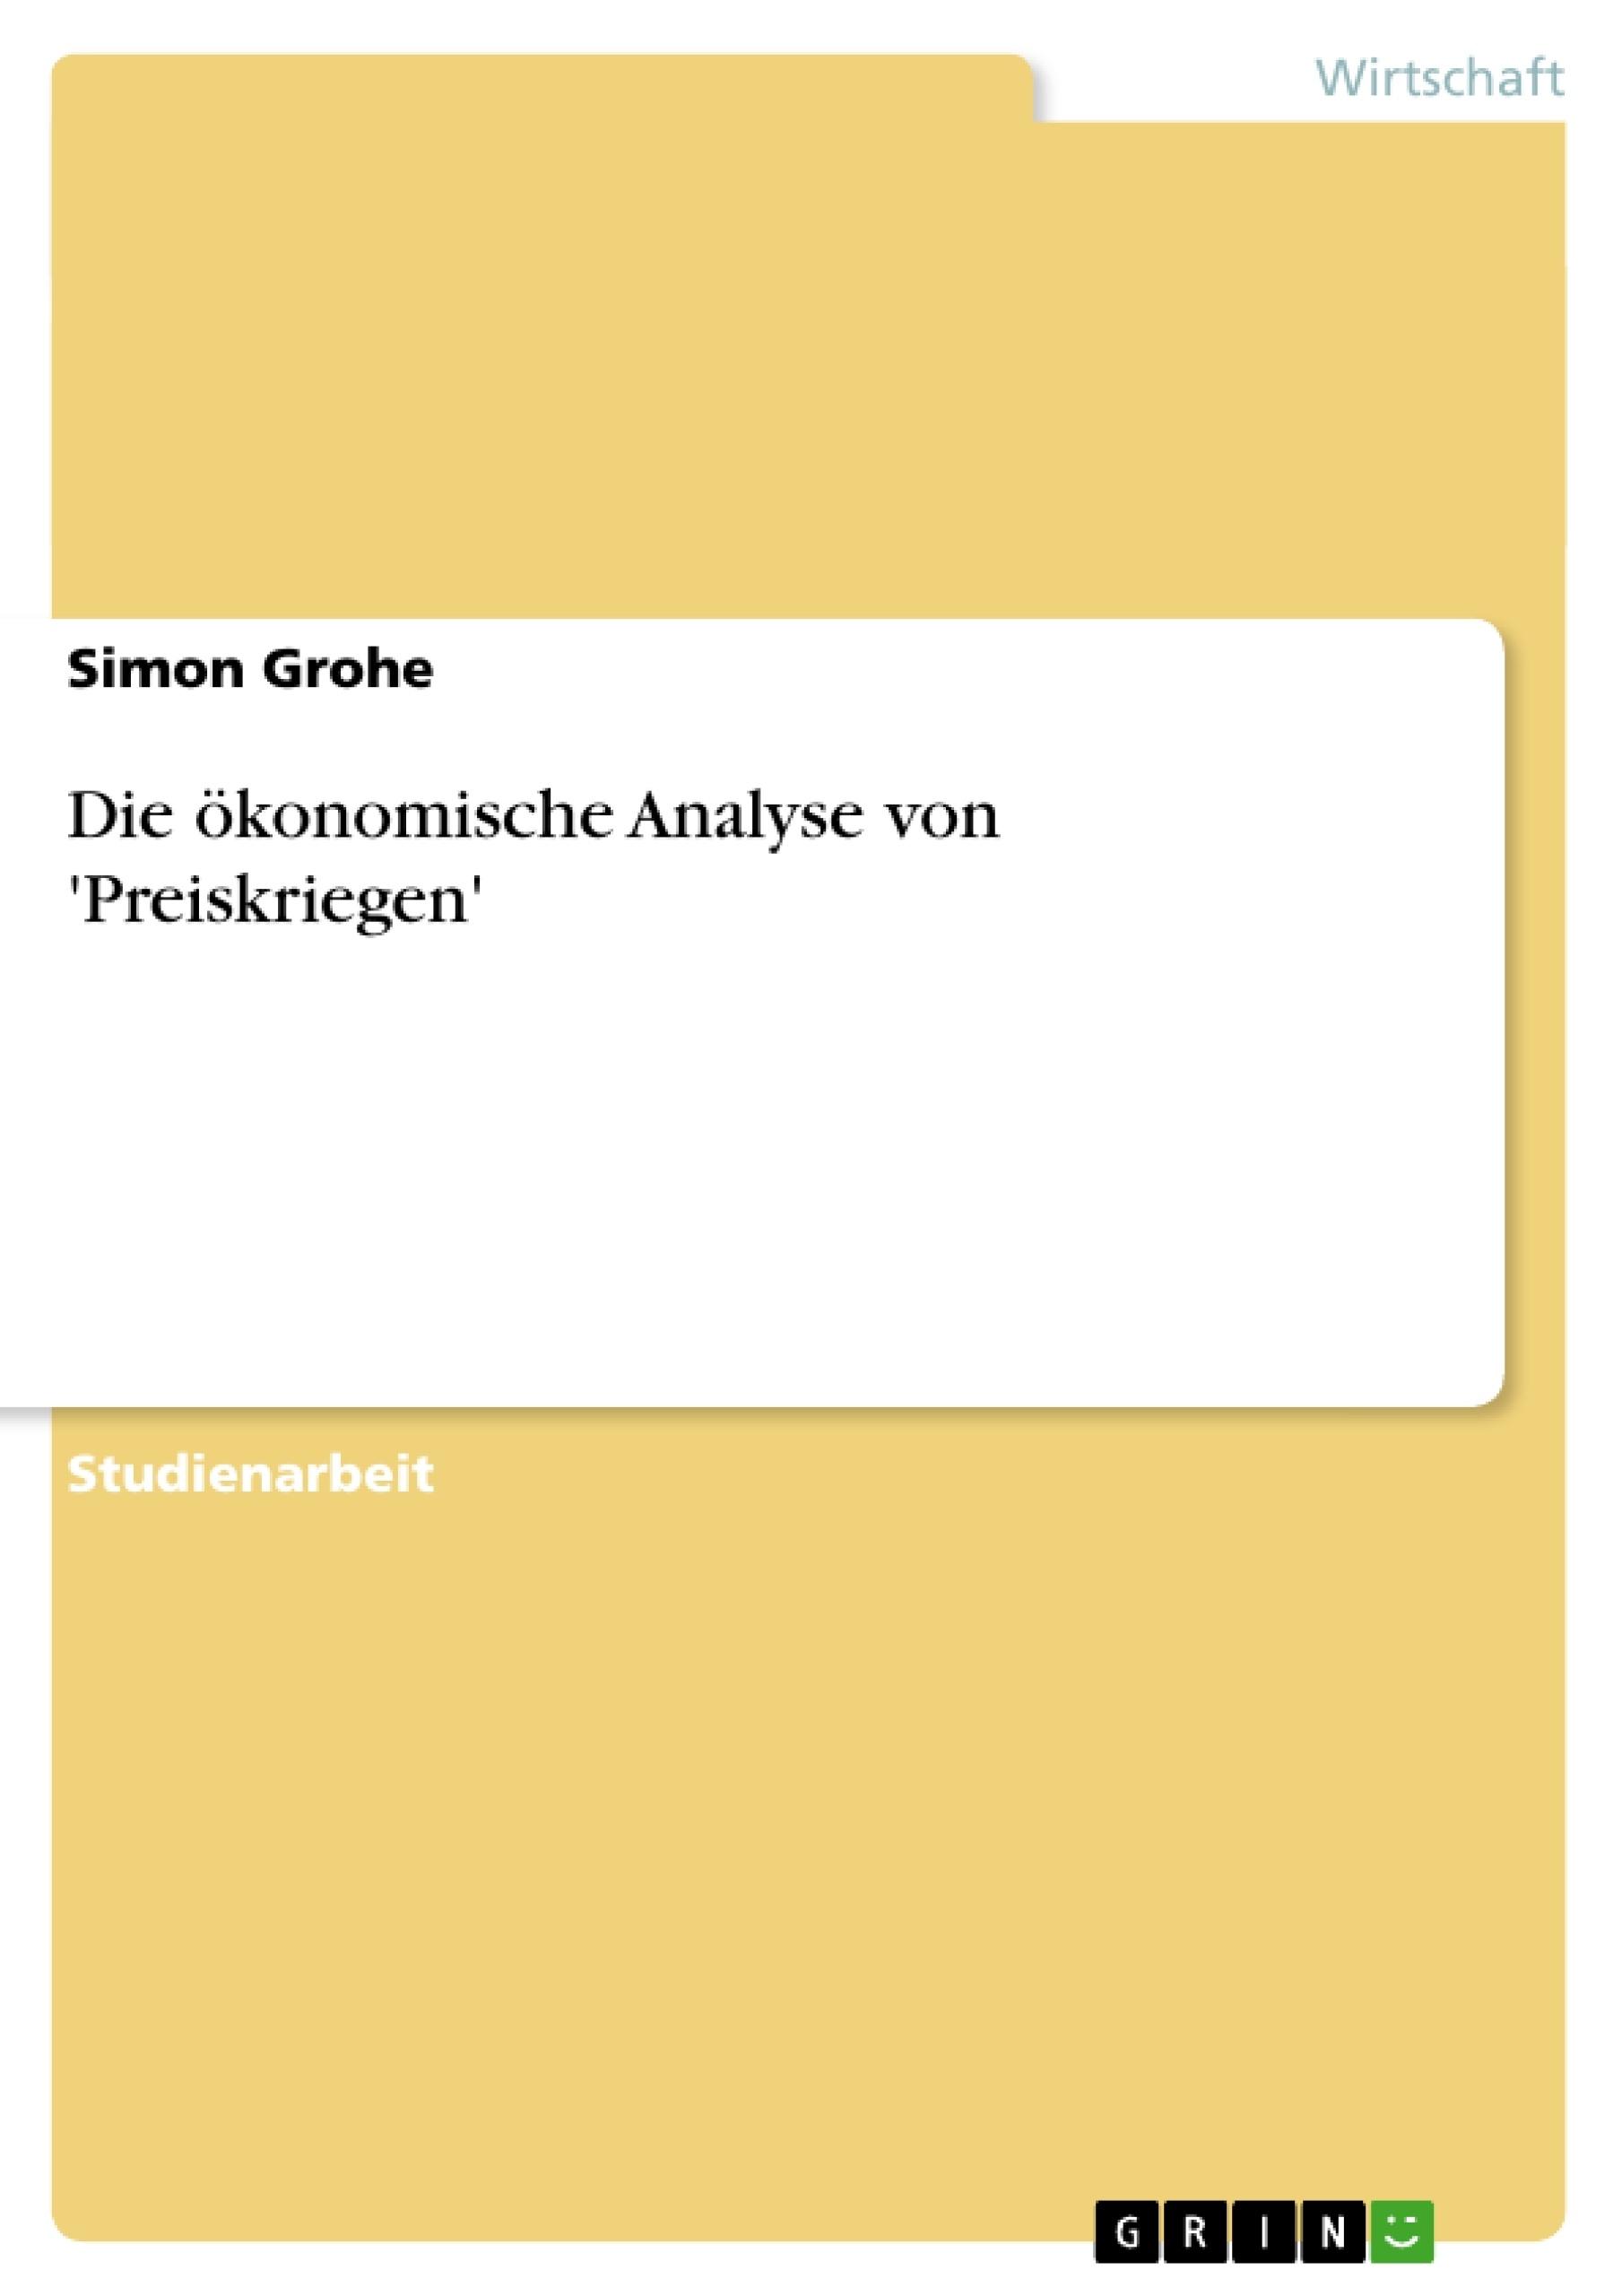 Titel: Die ökonomische Analyse von 'Preiskriegen'